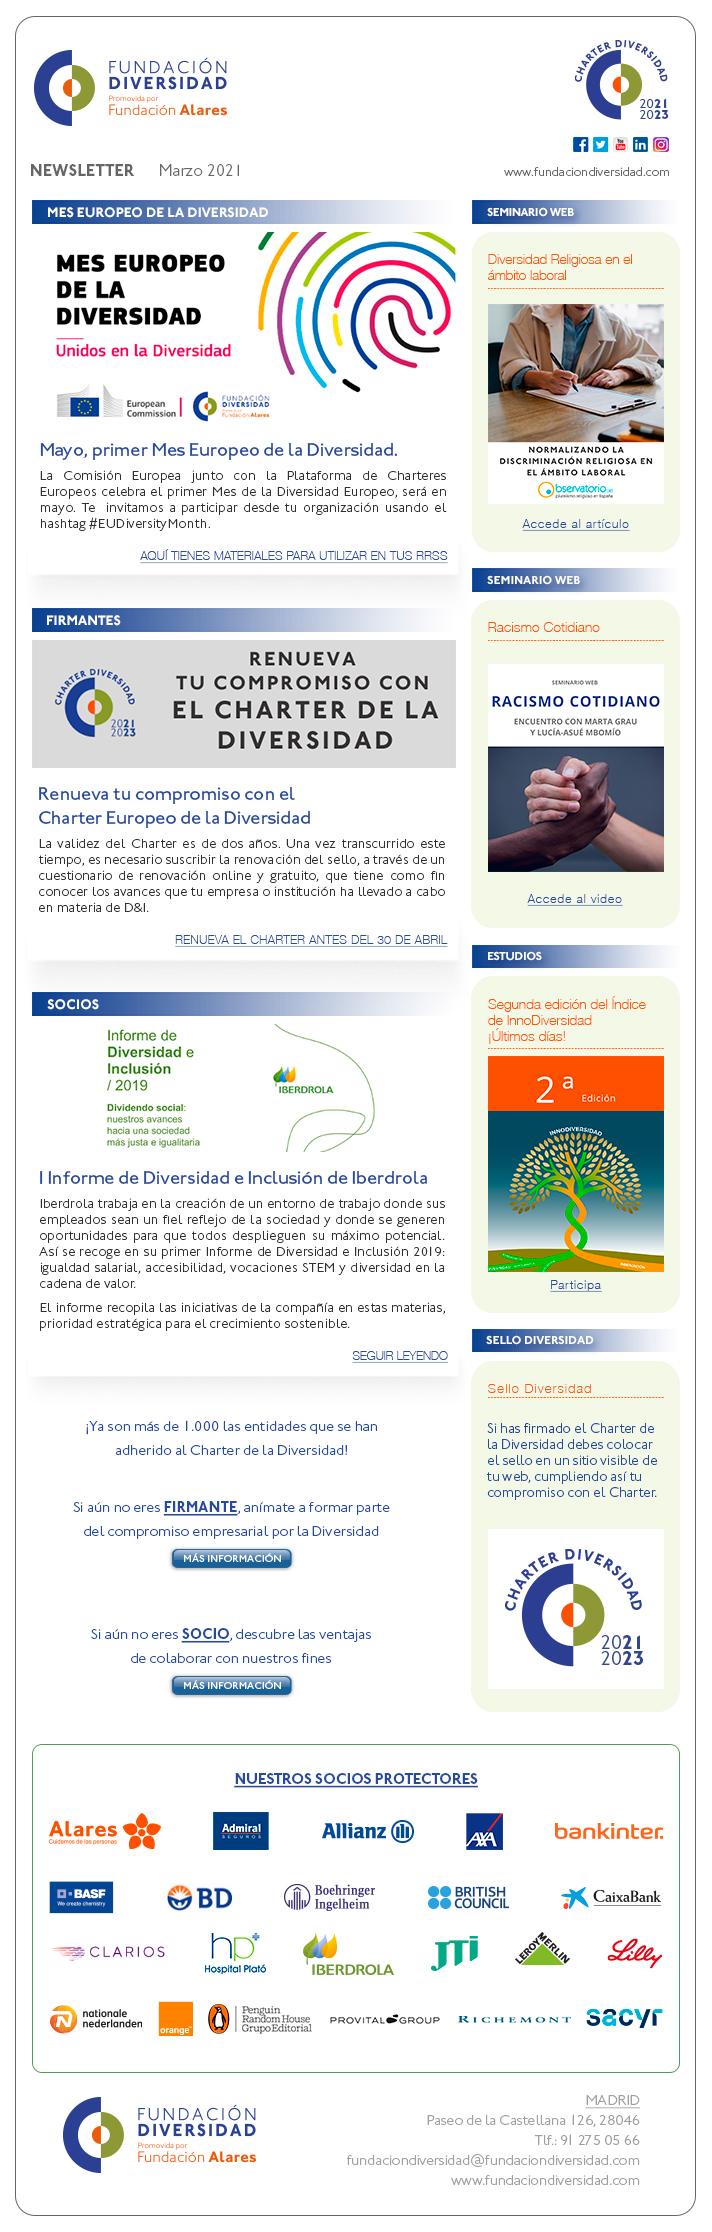 Newsletter Marzo 2021 | Fundación Diversidad